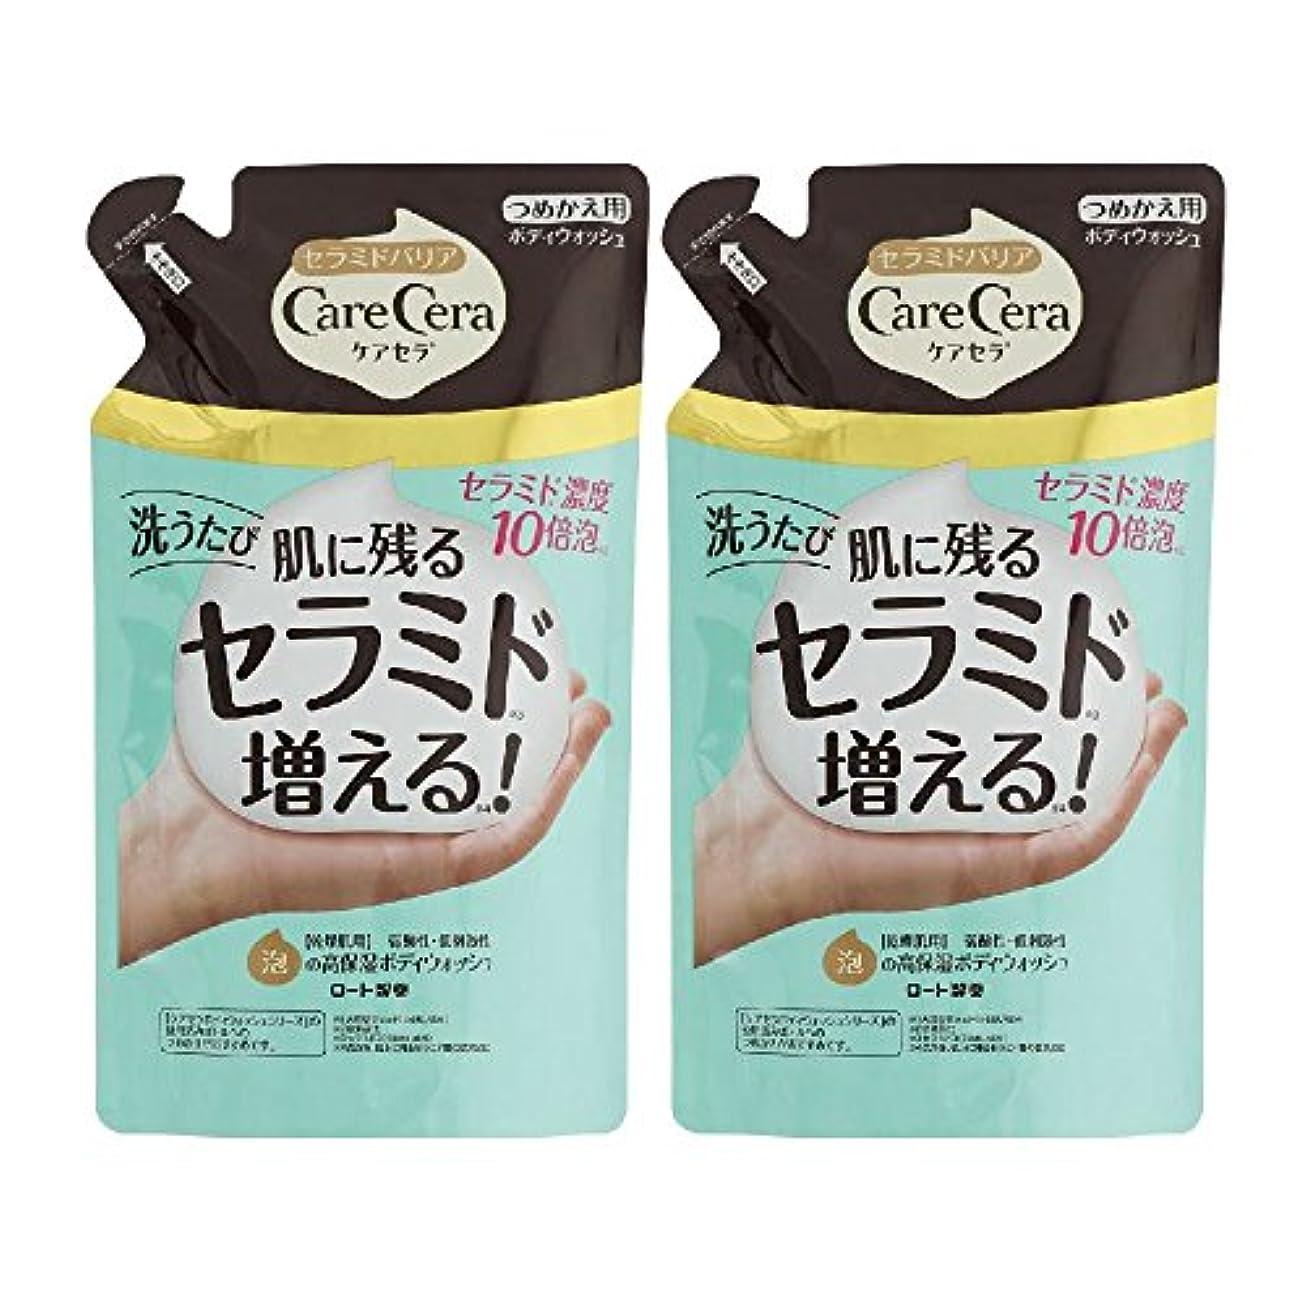 スポット劣るマルコポーロケアセラ (CareCera) 泡の高保湿 ボディウォッシュ ピュアフローラルの香り (つめかえ用) 350mL×2個 ※セバメドモイスチャーローション10mlサンプル付き